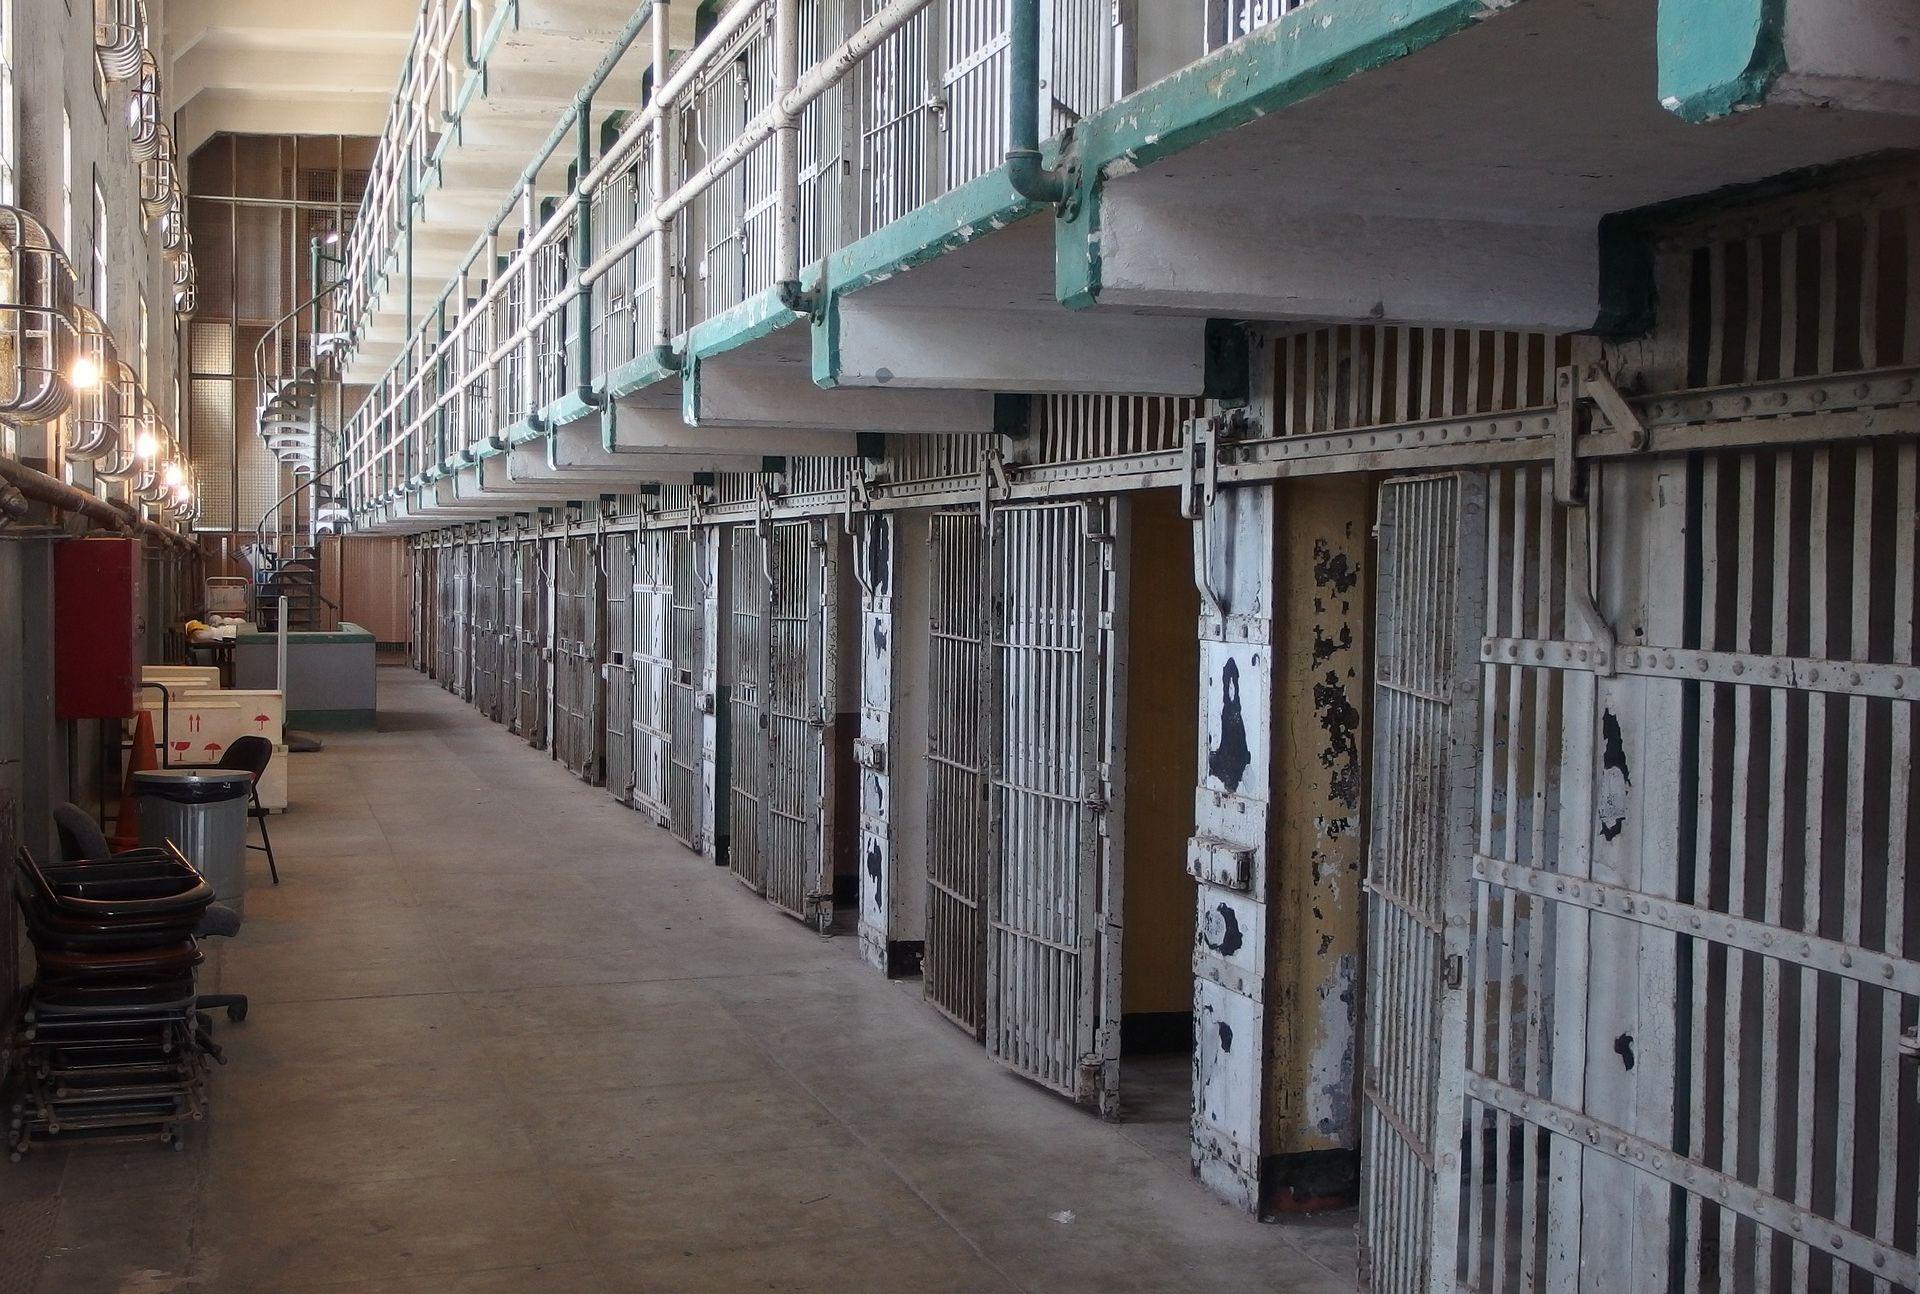 Suosnivač DarkWeb platforme za prodaju oružja i droge pronađen mrtav u zatvorskoj ćeliji